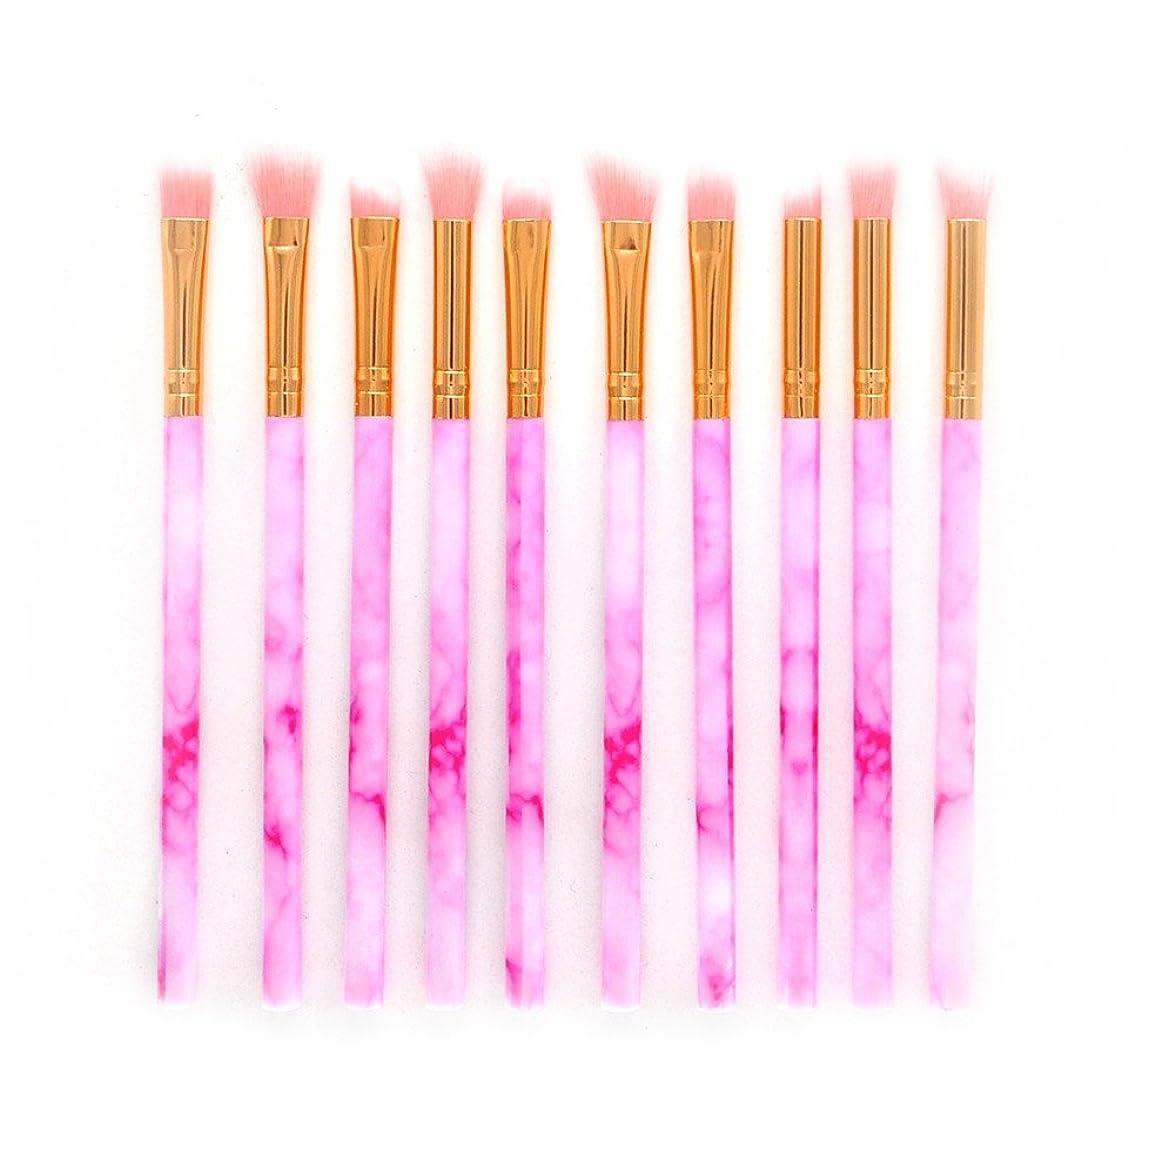 委託豚圧縮する笑え熊 化粧筆 メイク 筆 限定版 アイシャドーブラシ 10本セット 化粧ブラシ おしゃれ 日常の化粧 集まる化粧